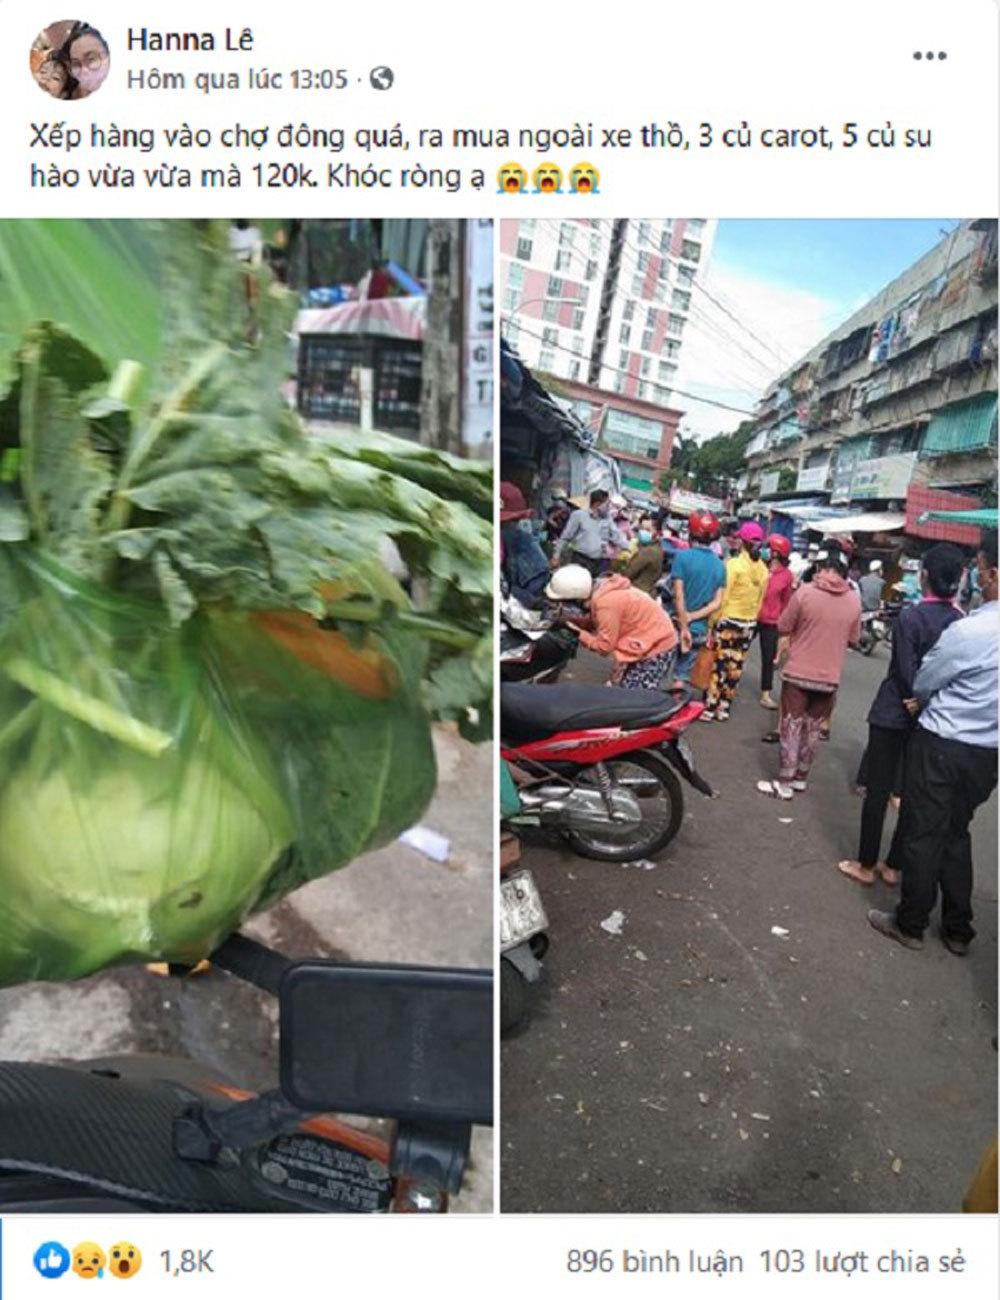 Sài Gòn trước cách ly: Rau xanh tăng dựng đứng, giá trứng lên gấp đôi